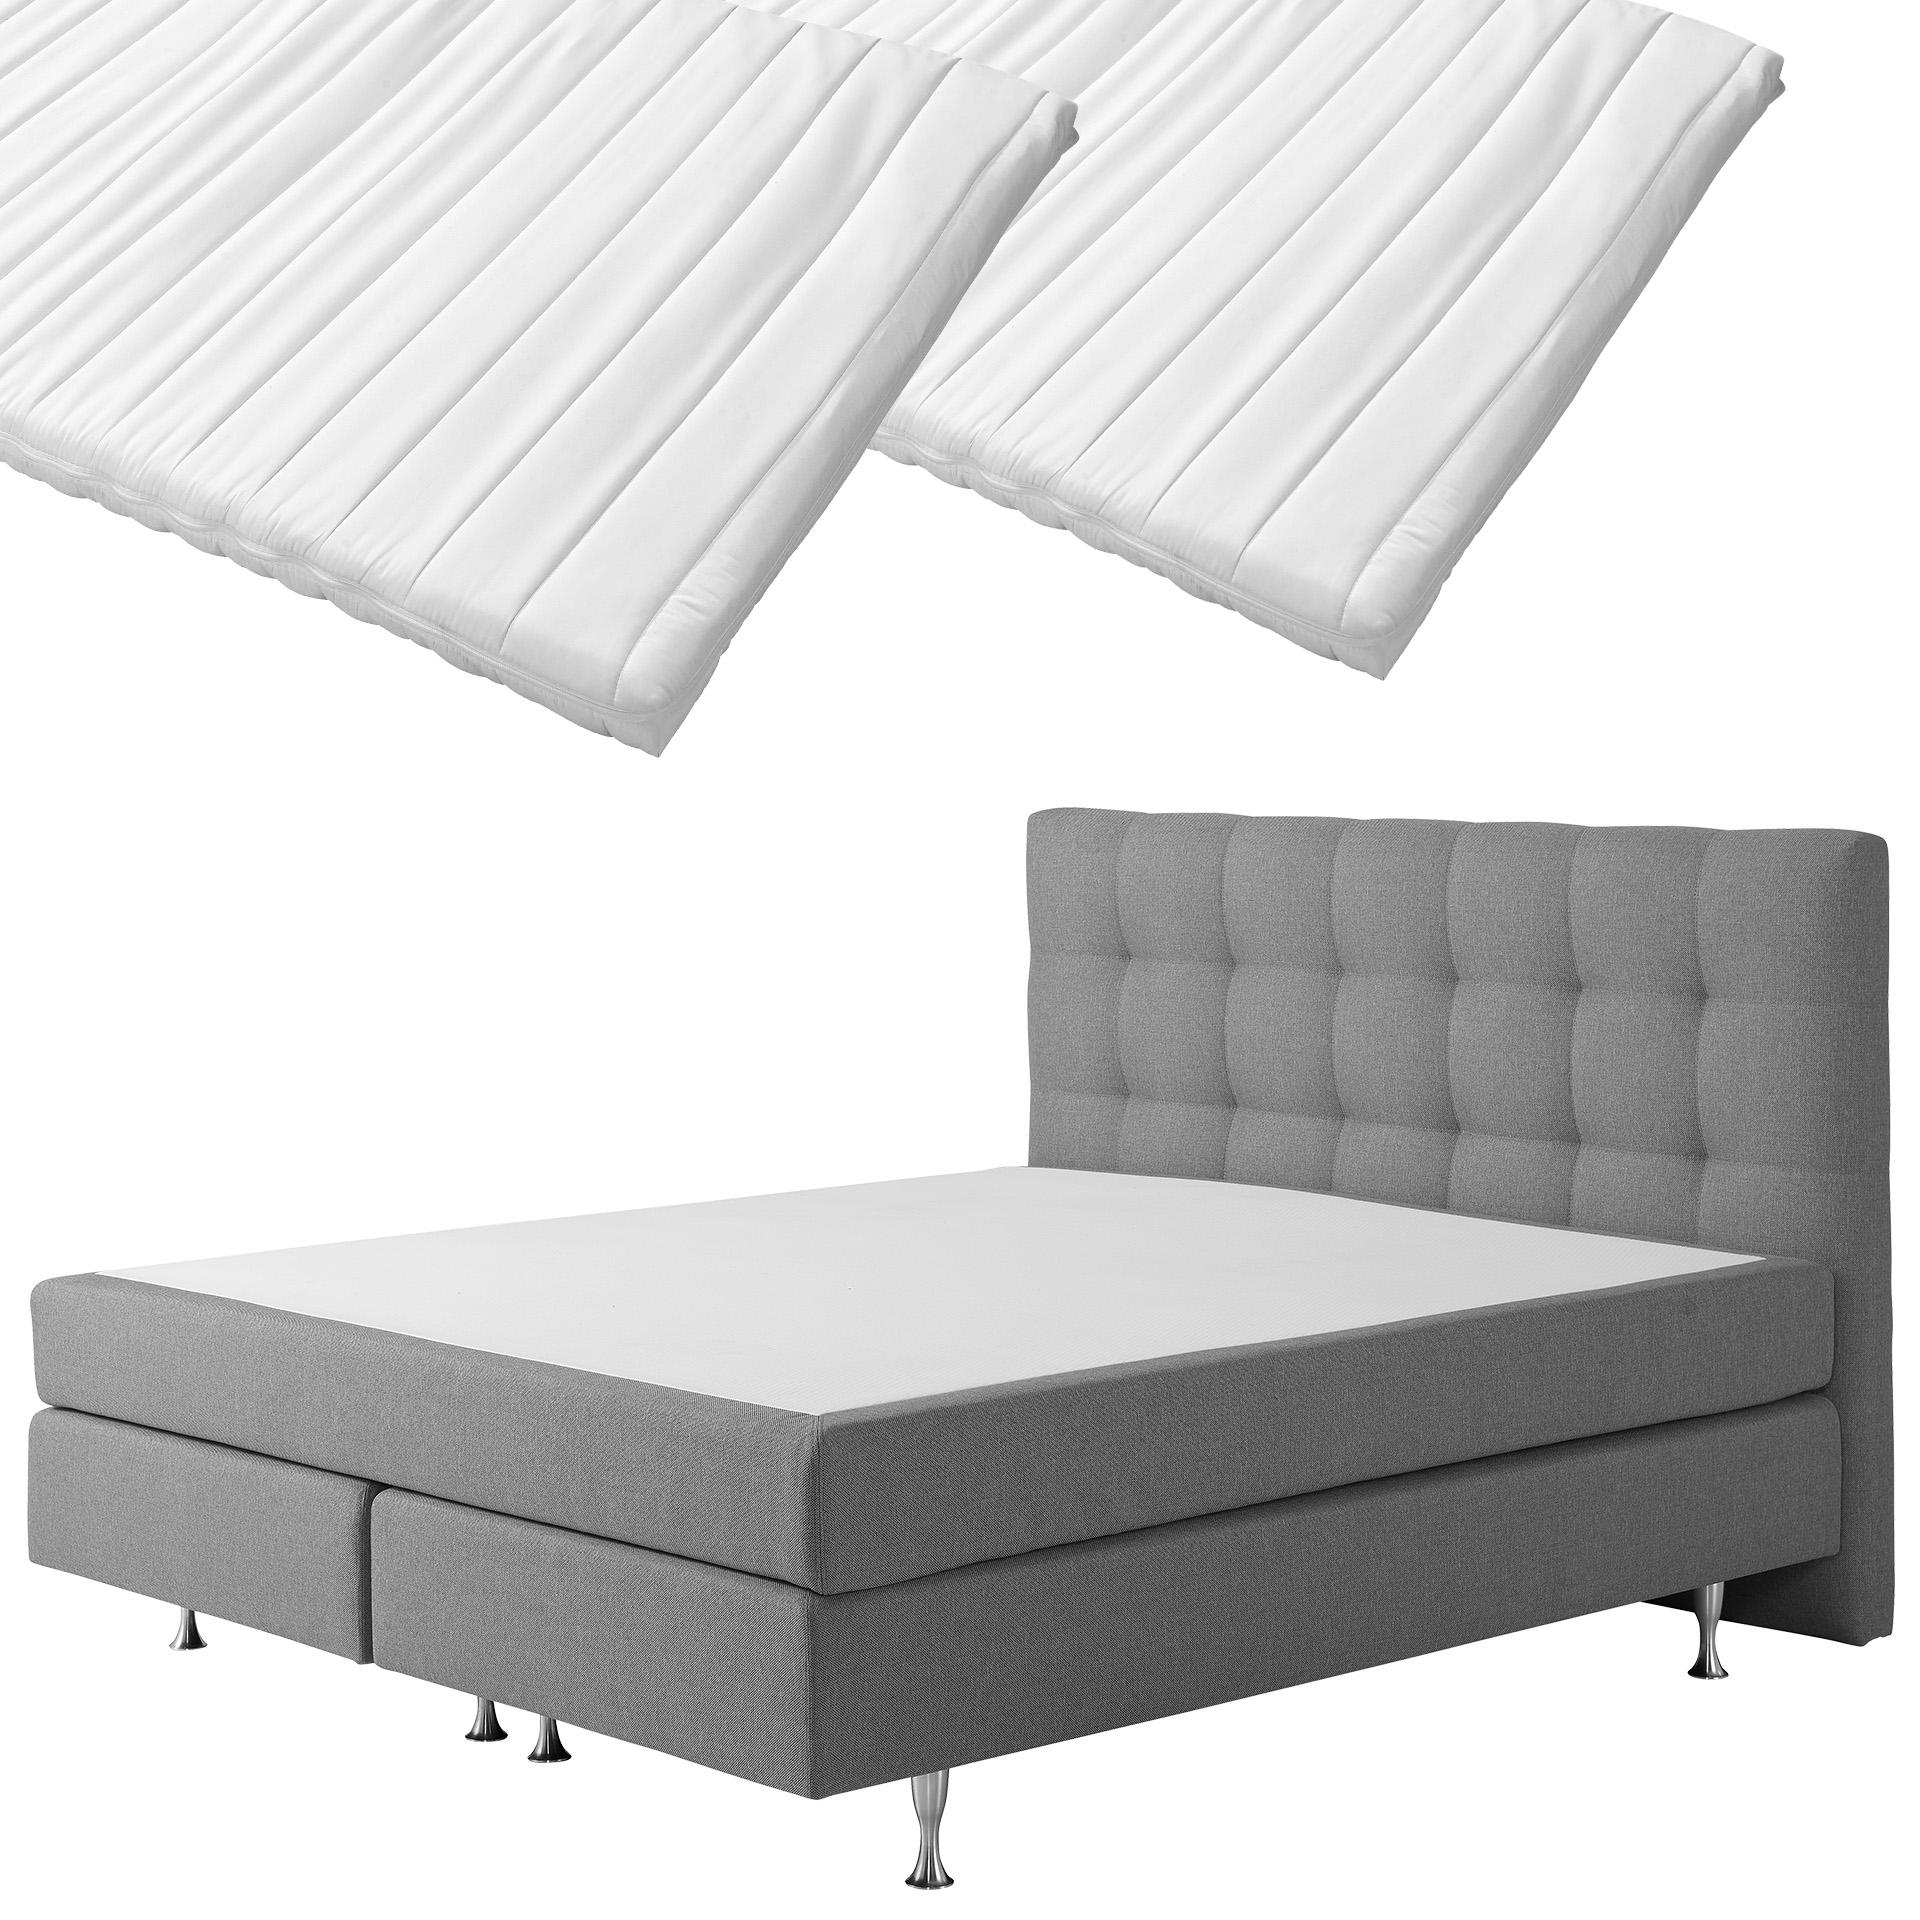 Boxspringbett-Set SCHLARAFFIA® Nordic/ErgoMAXX® Komfortschaum-Topper Stockholm (180x200, 2 Topper)